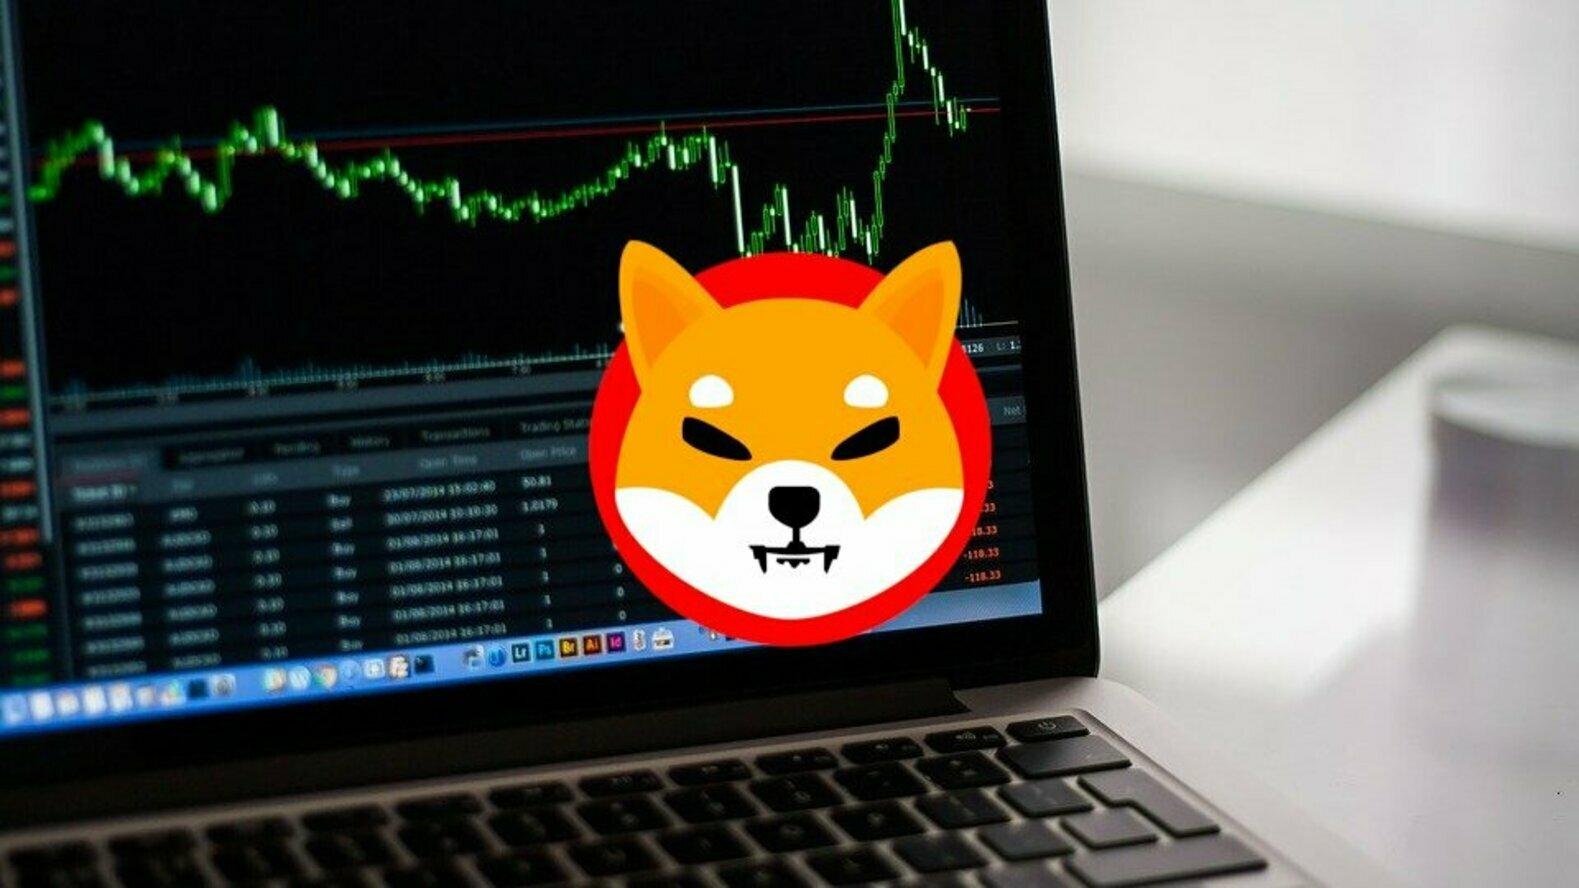 Popüler Türk Bitcoin Borsasından SHIB Müjdesi: Fiyat Zıplıyor!